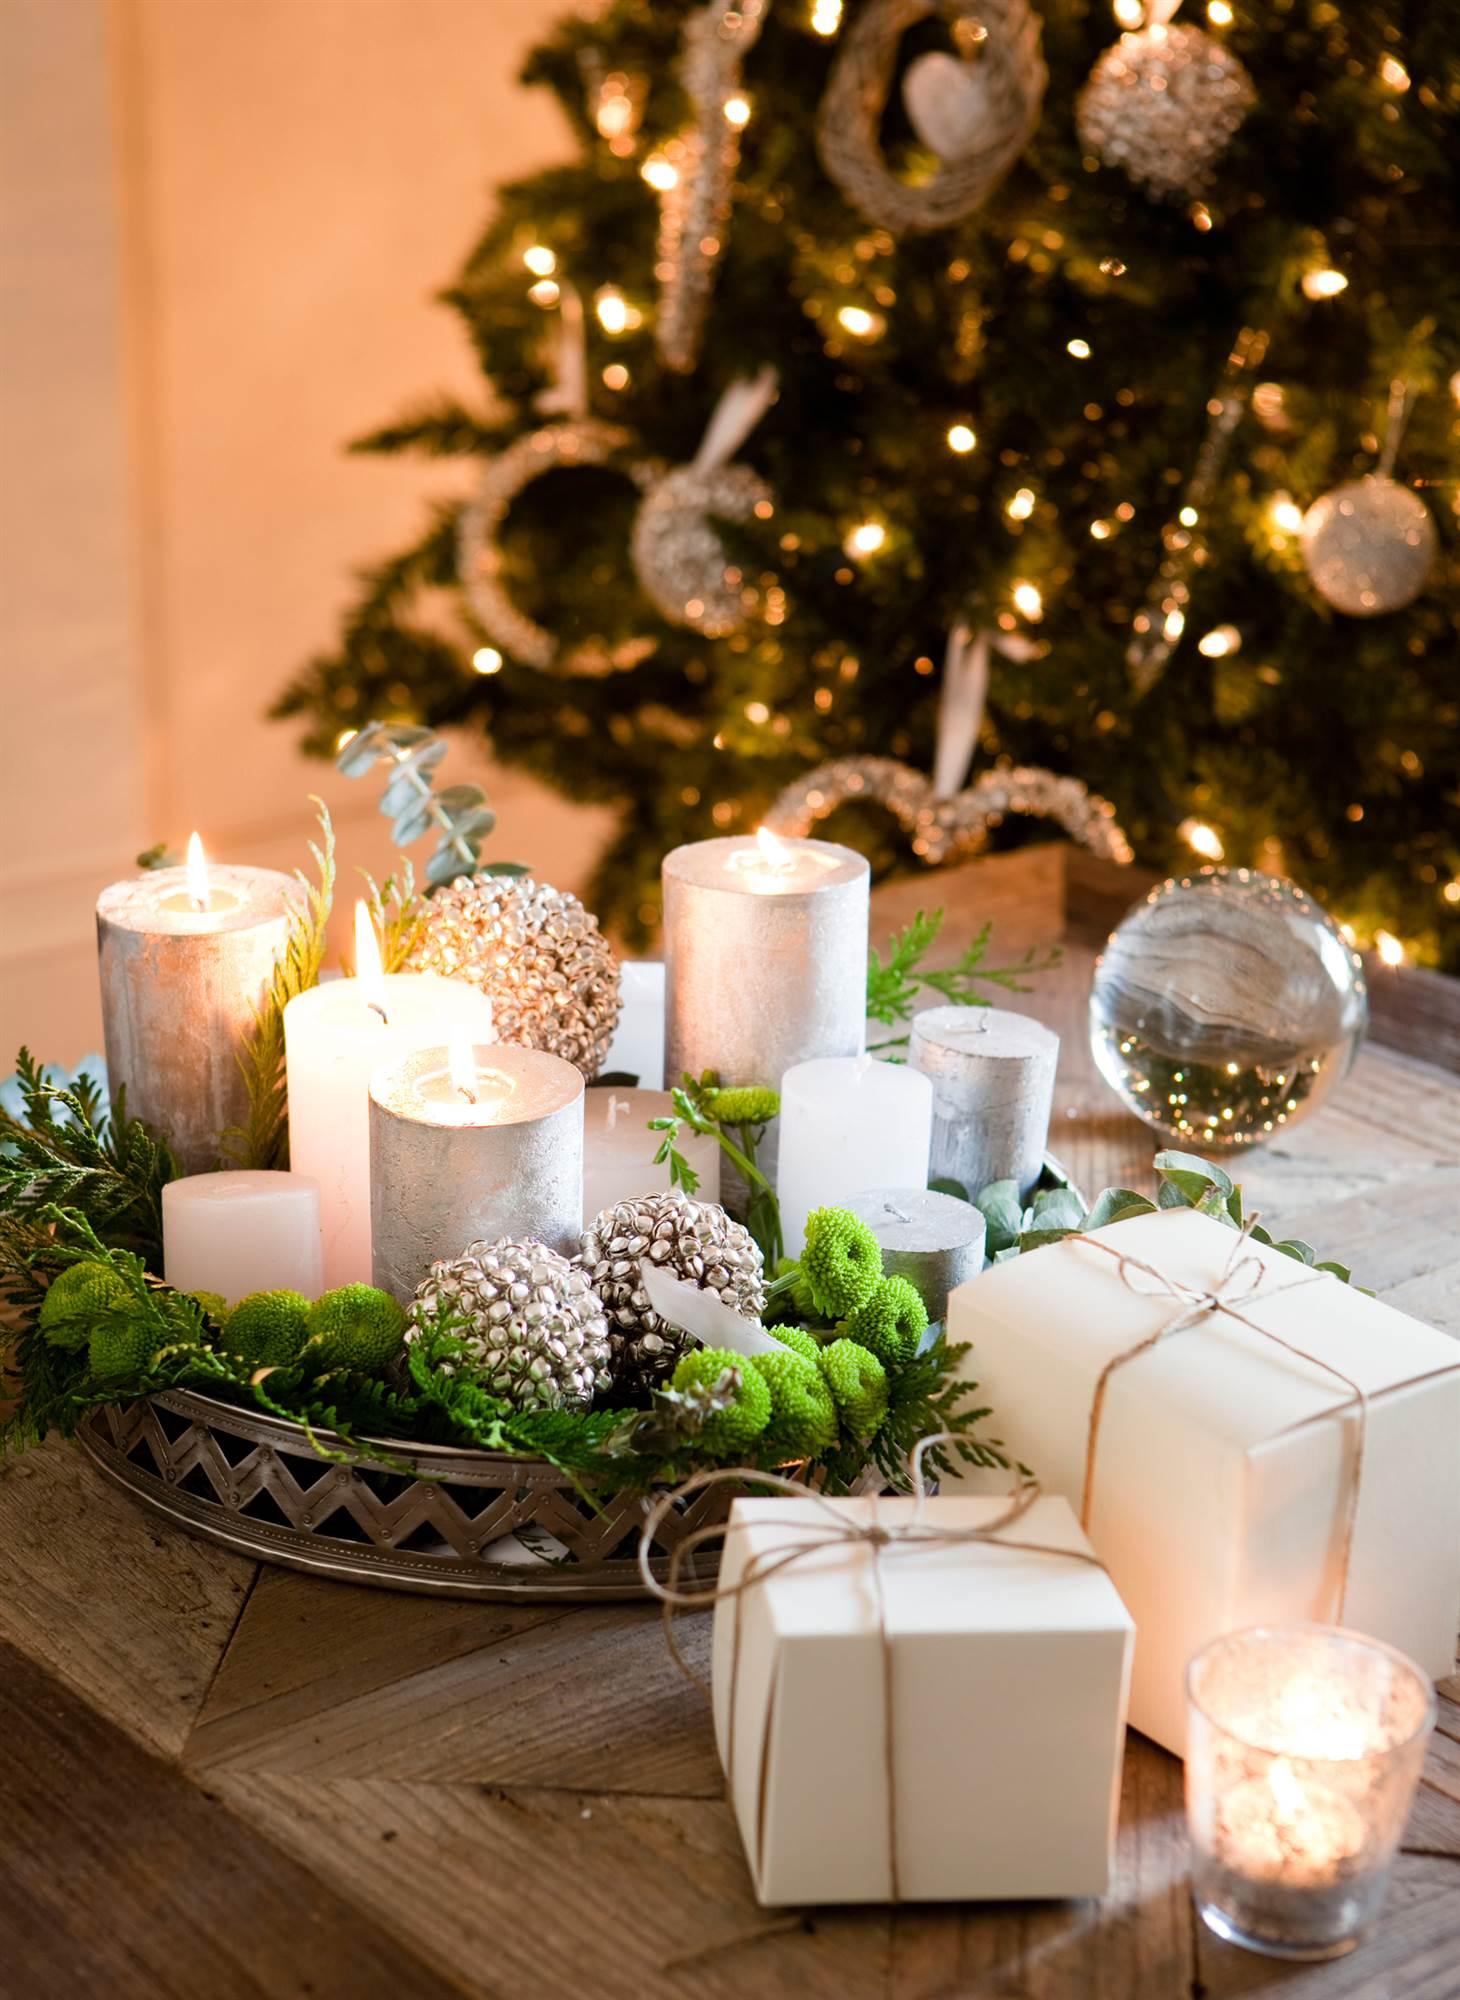 M s de 30 detalles para llenar de magia tu casa esta navidad for Detalles de navidad